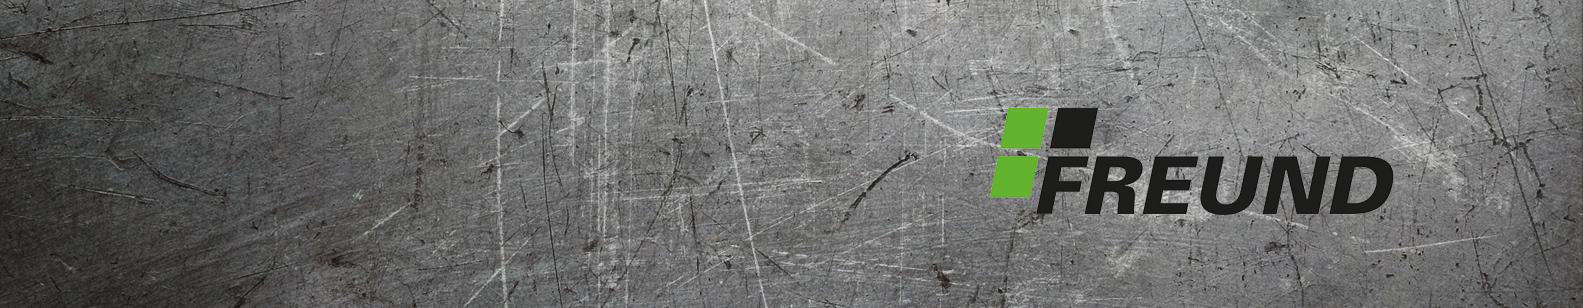 Freund įrankiai  Lakštinio metalo plokščių pjovimo, lankstymo, užlankų (kraštų volcavimo) formavimo įrankiai